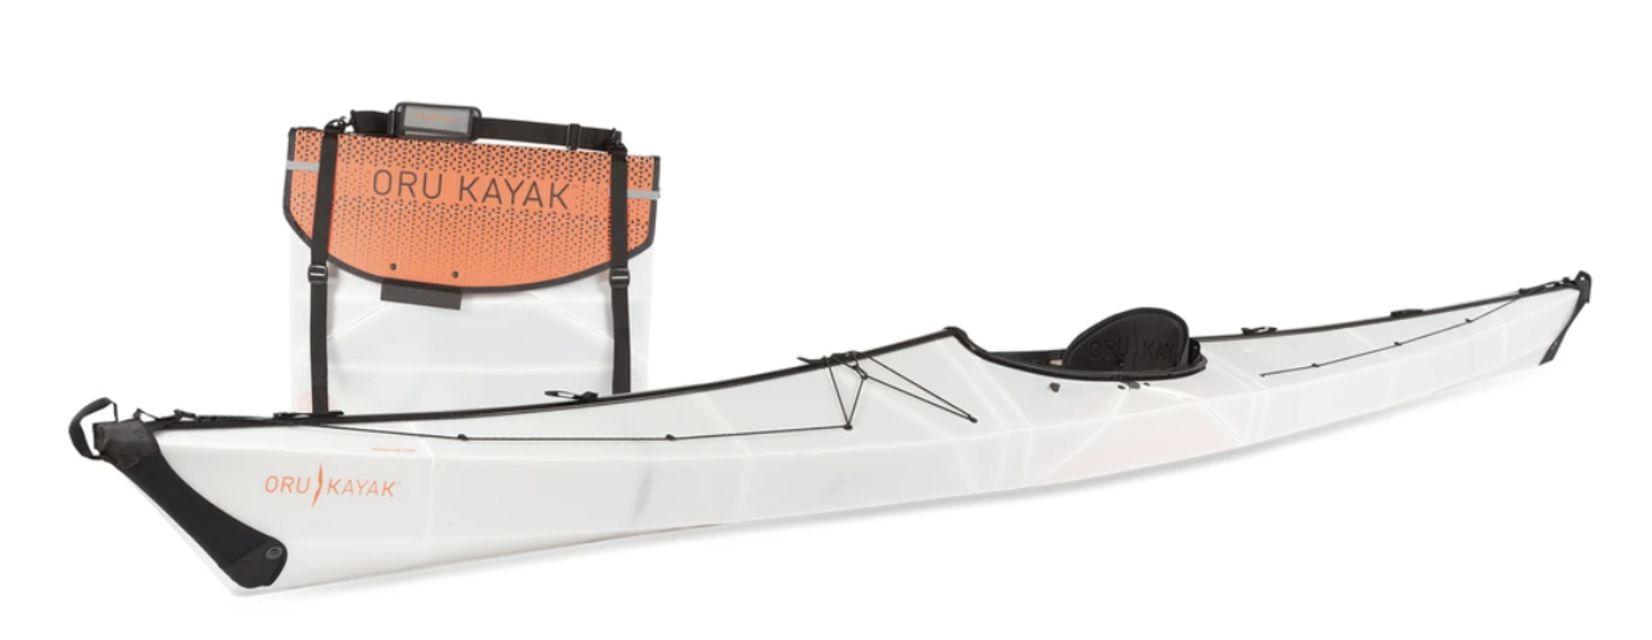 Oru Kayak Coast XT Folding Kayak